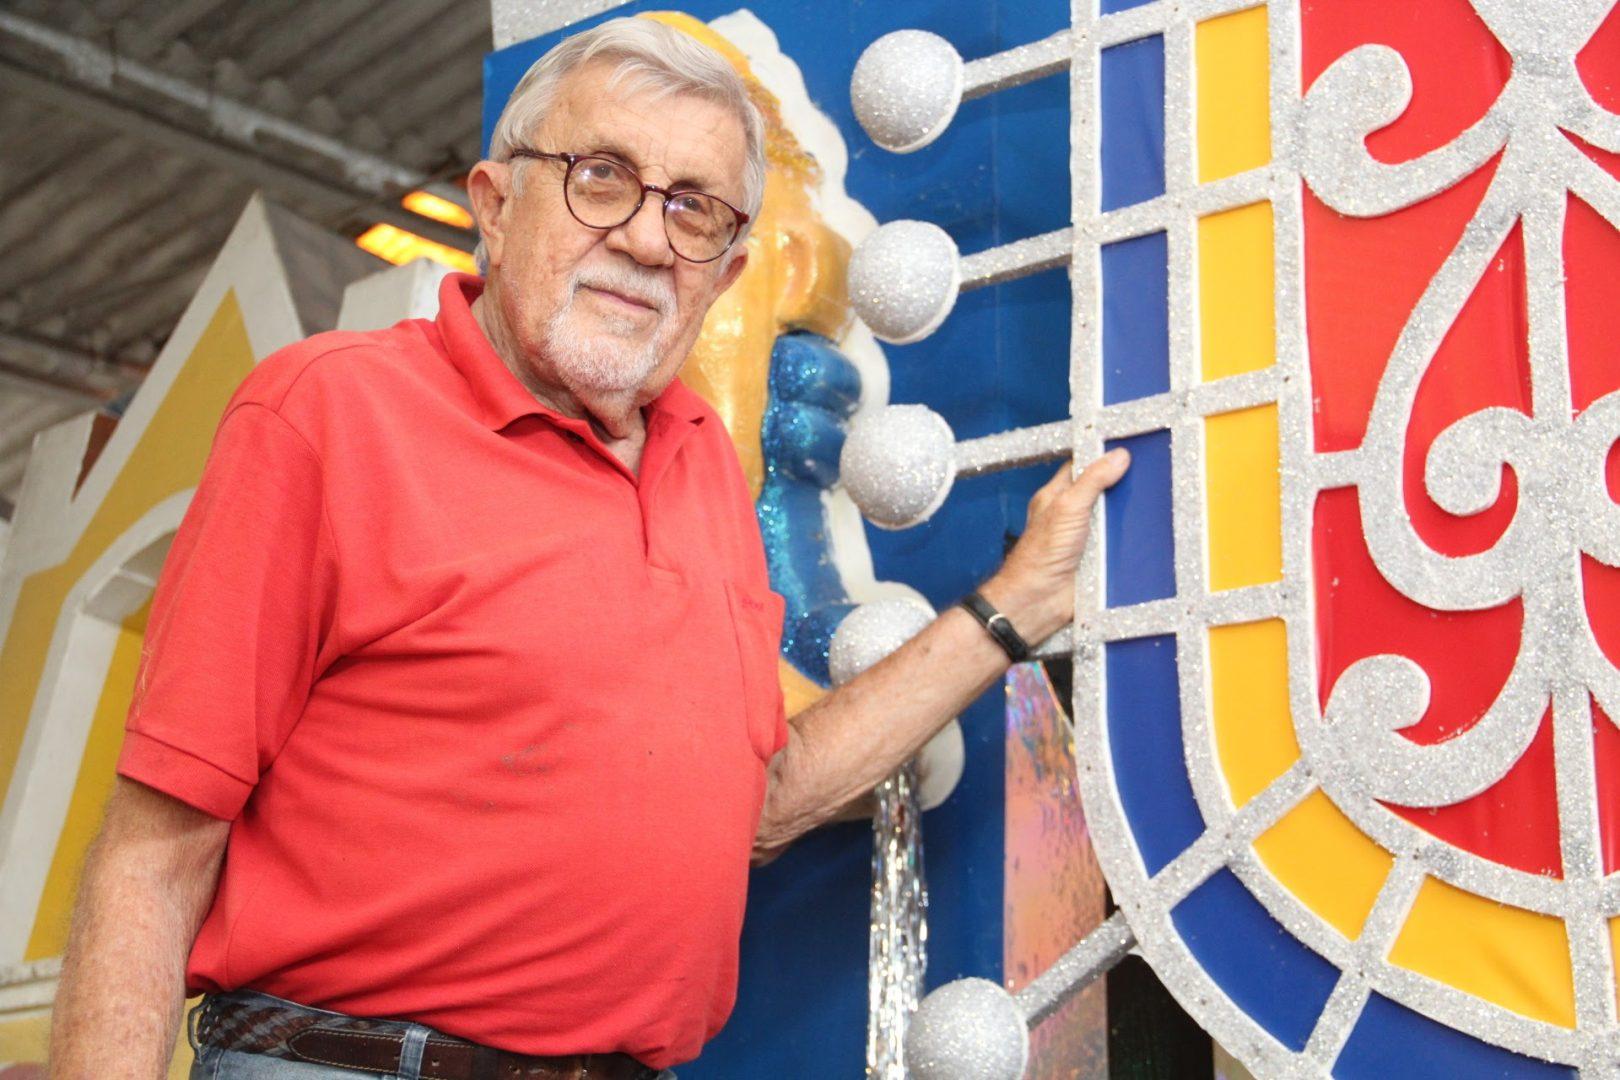 Galo da Madrugada perde Ary Nóbrega artista responsável pelos desenhos e confecção dos carros alegóricos do bloco